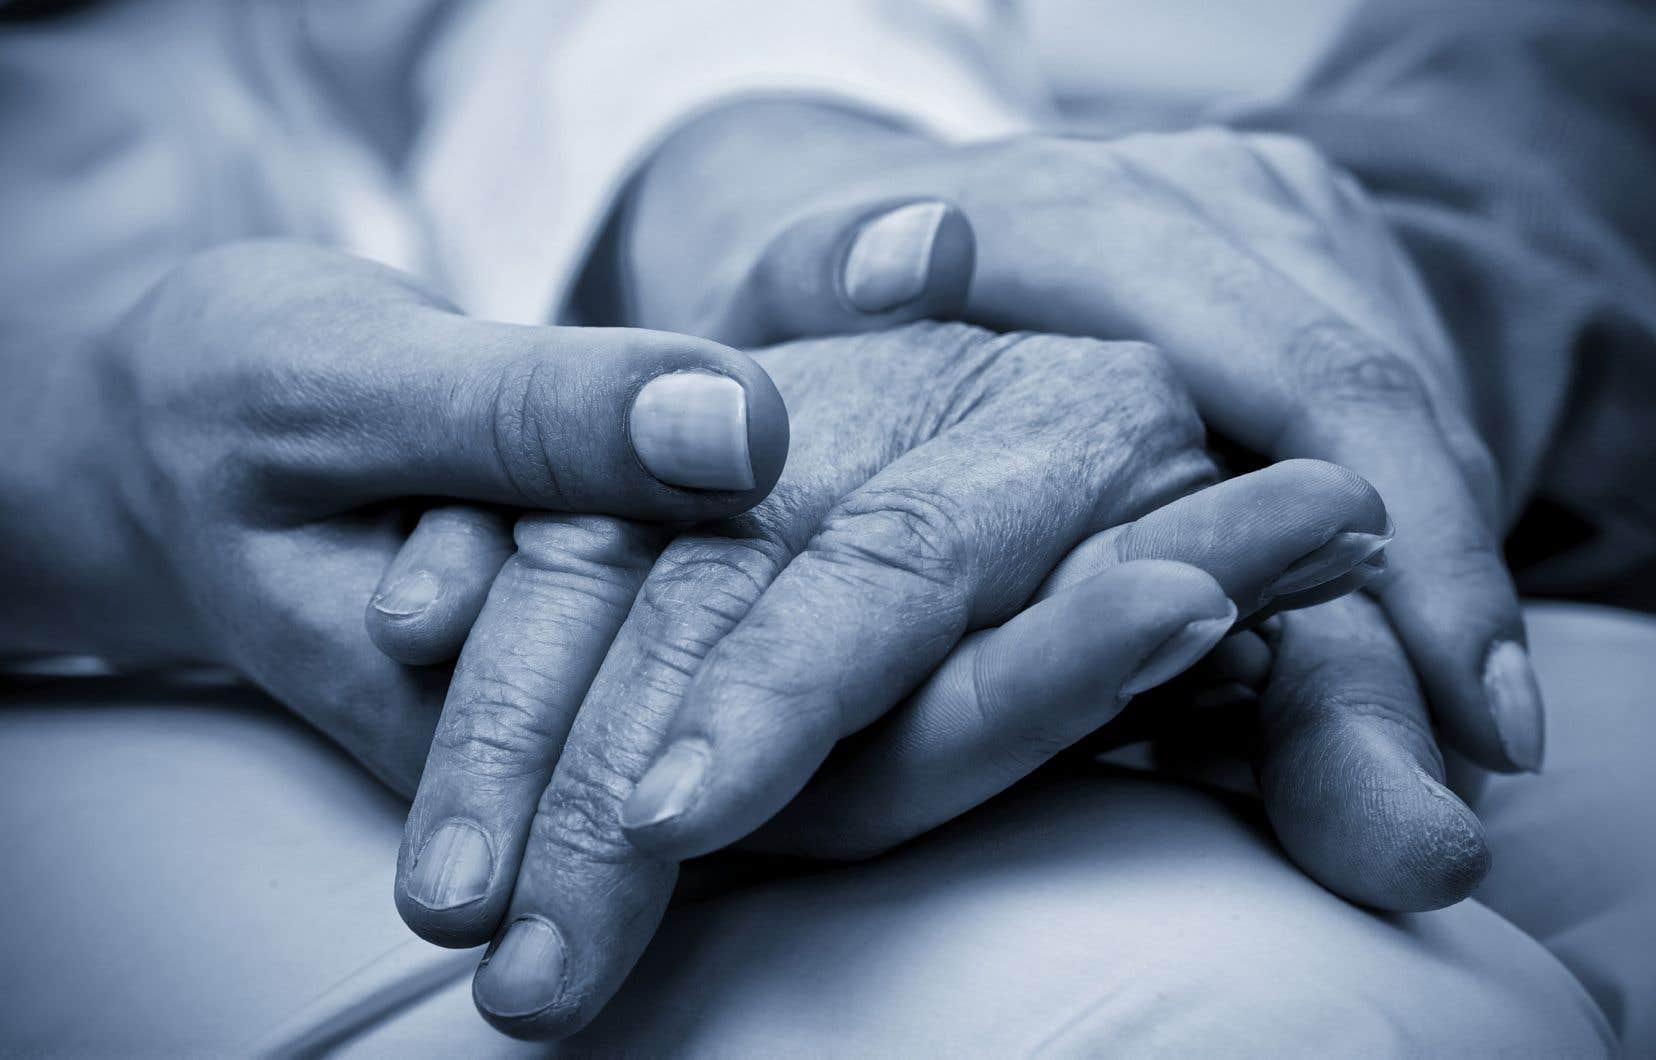 La ministre de la Santé, Danielle McCann, est favorable à l'idée de bonifier la formation des nouveaux médecins en ajoutant des notions sur les soins de fin de vie.